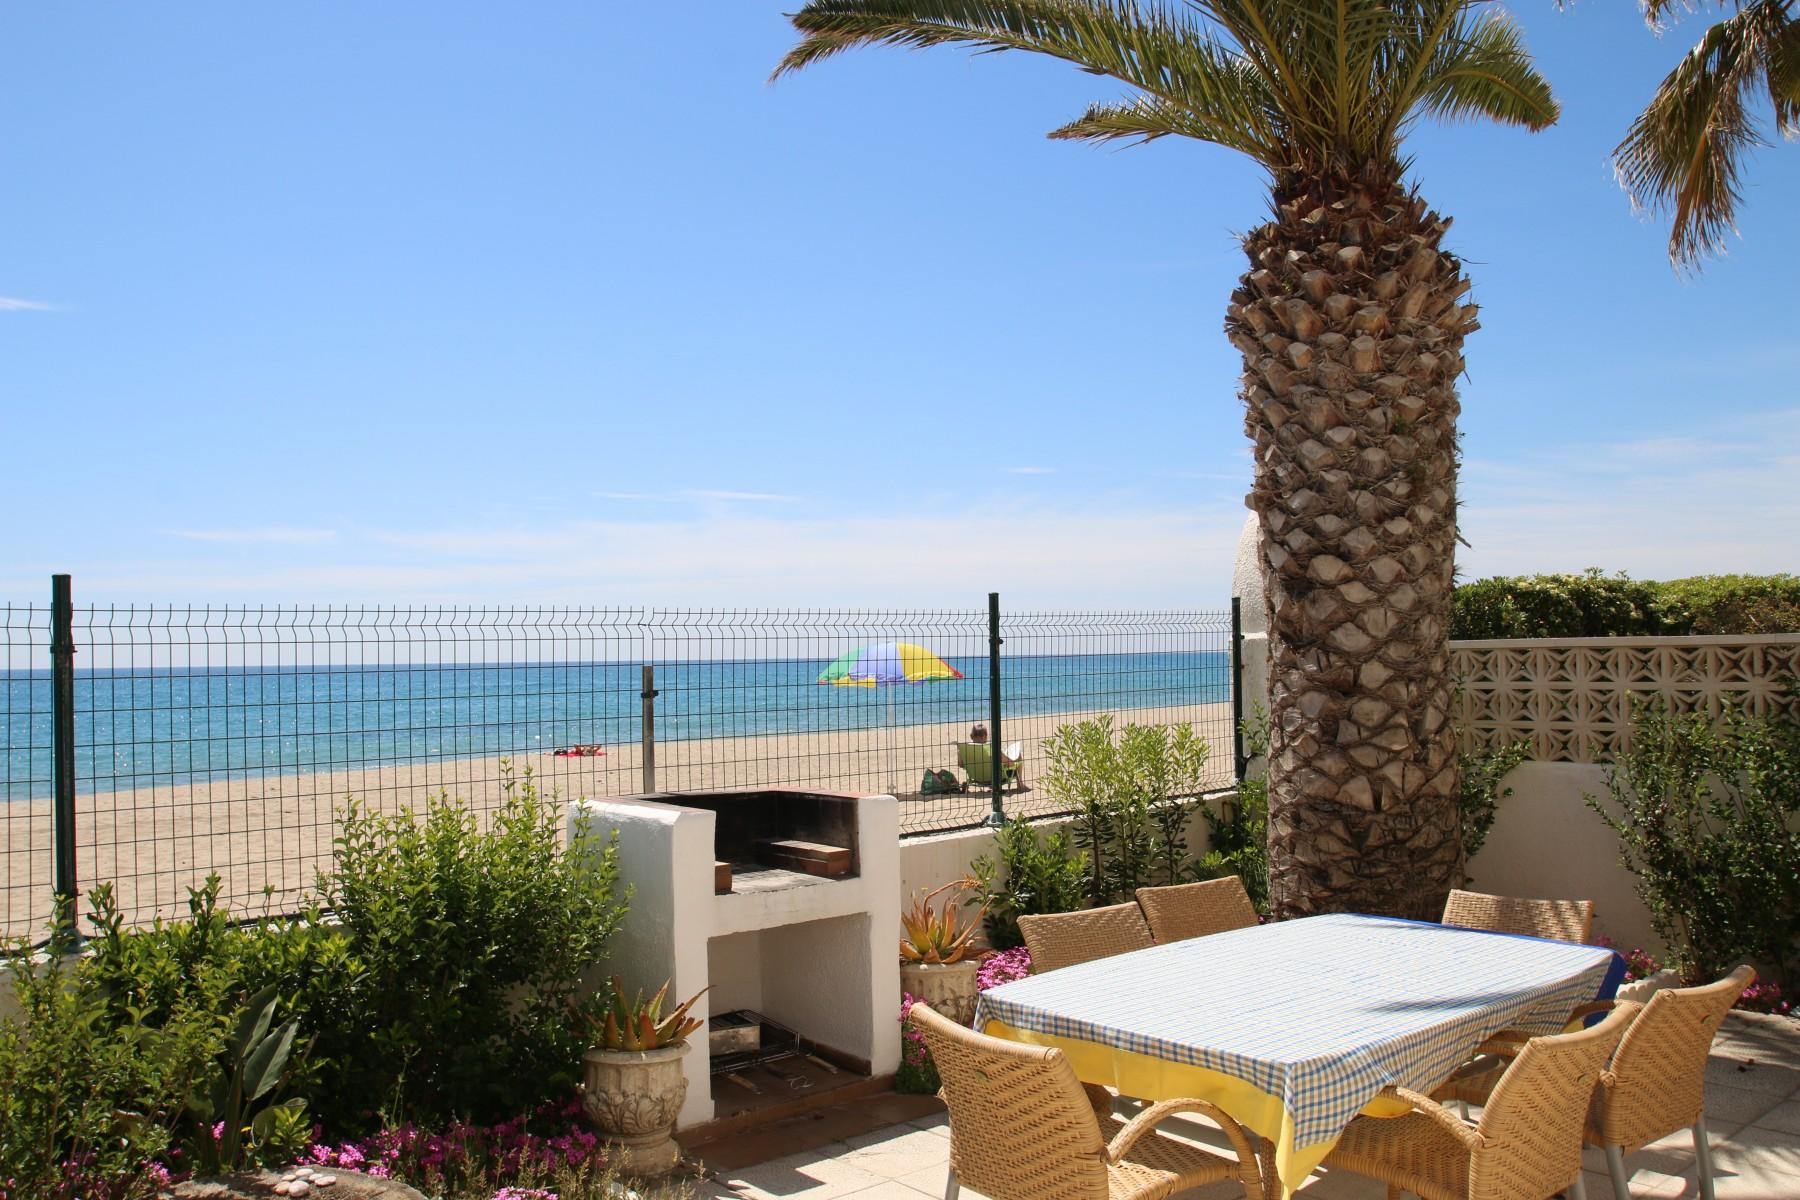 Casas en miami playa casas blancas 40 - Casas baratas en barcelona alquiler ...